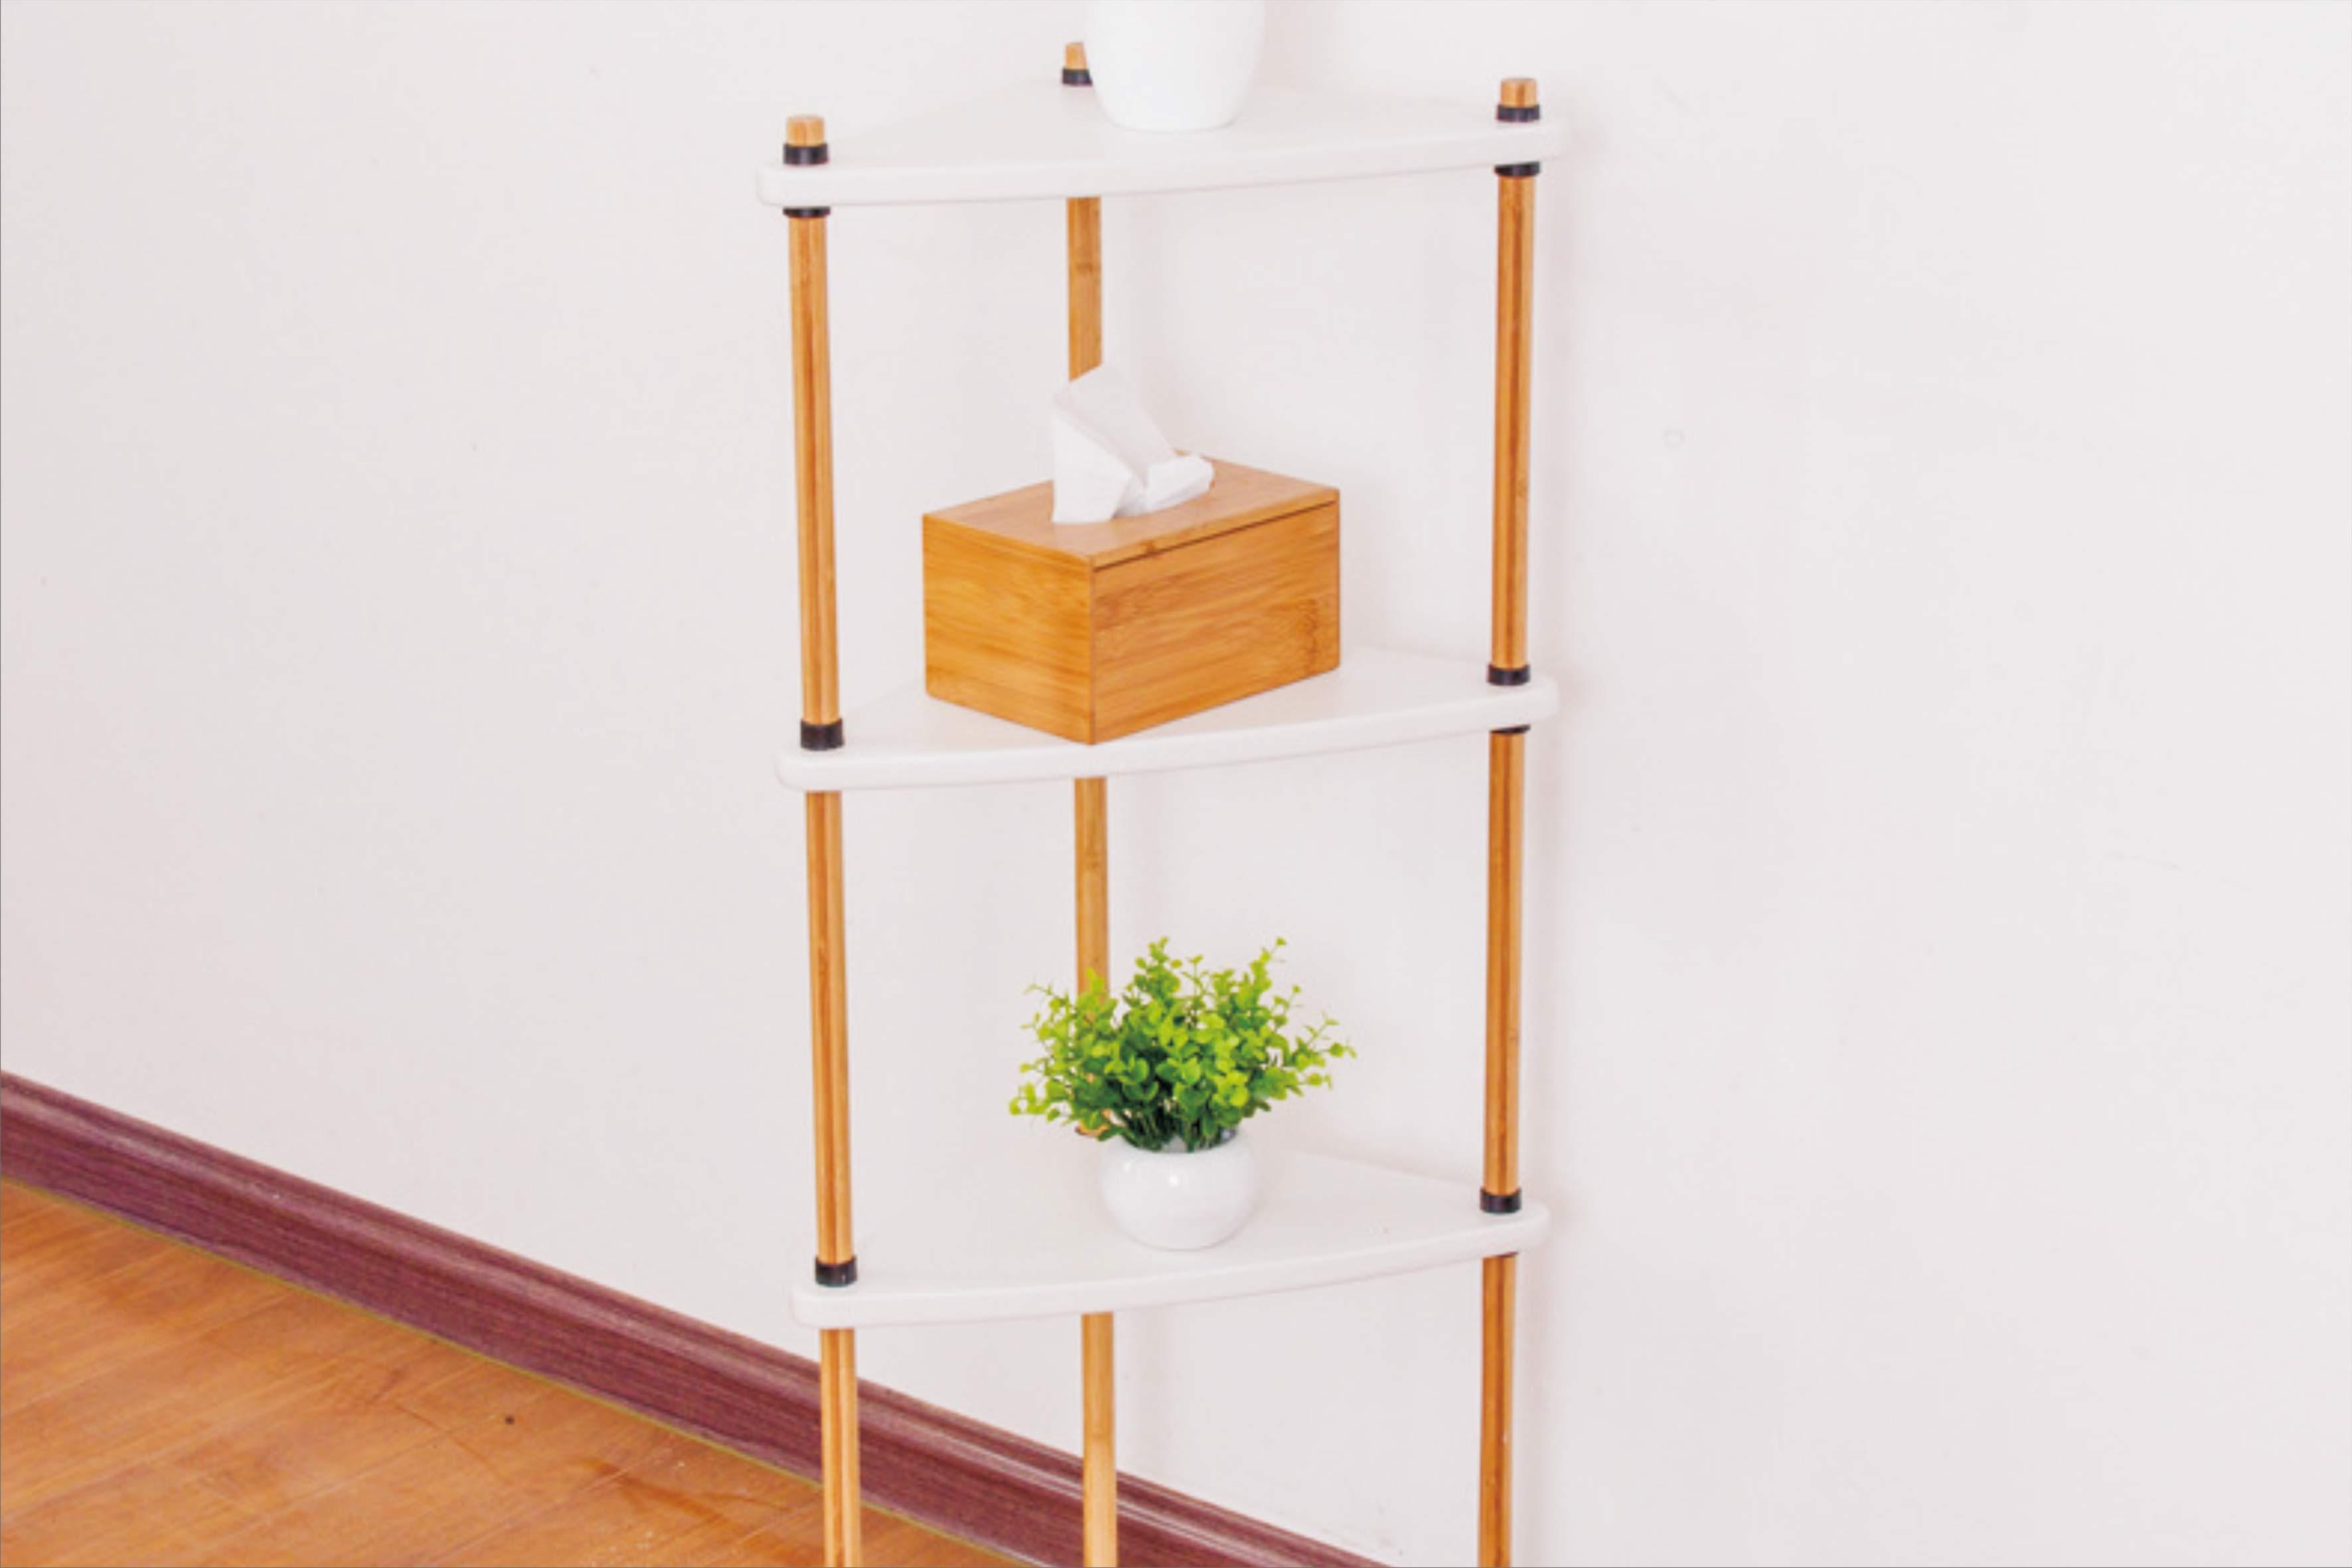 置地式浴室厨房收纳架 楠竹无金属设计多功能竹架